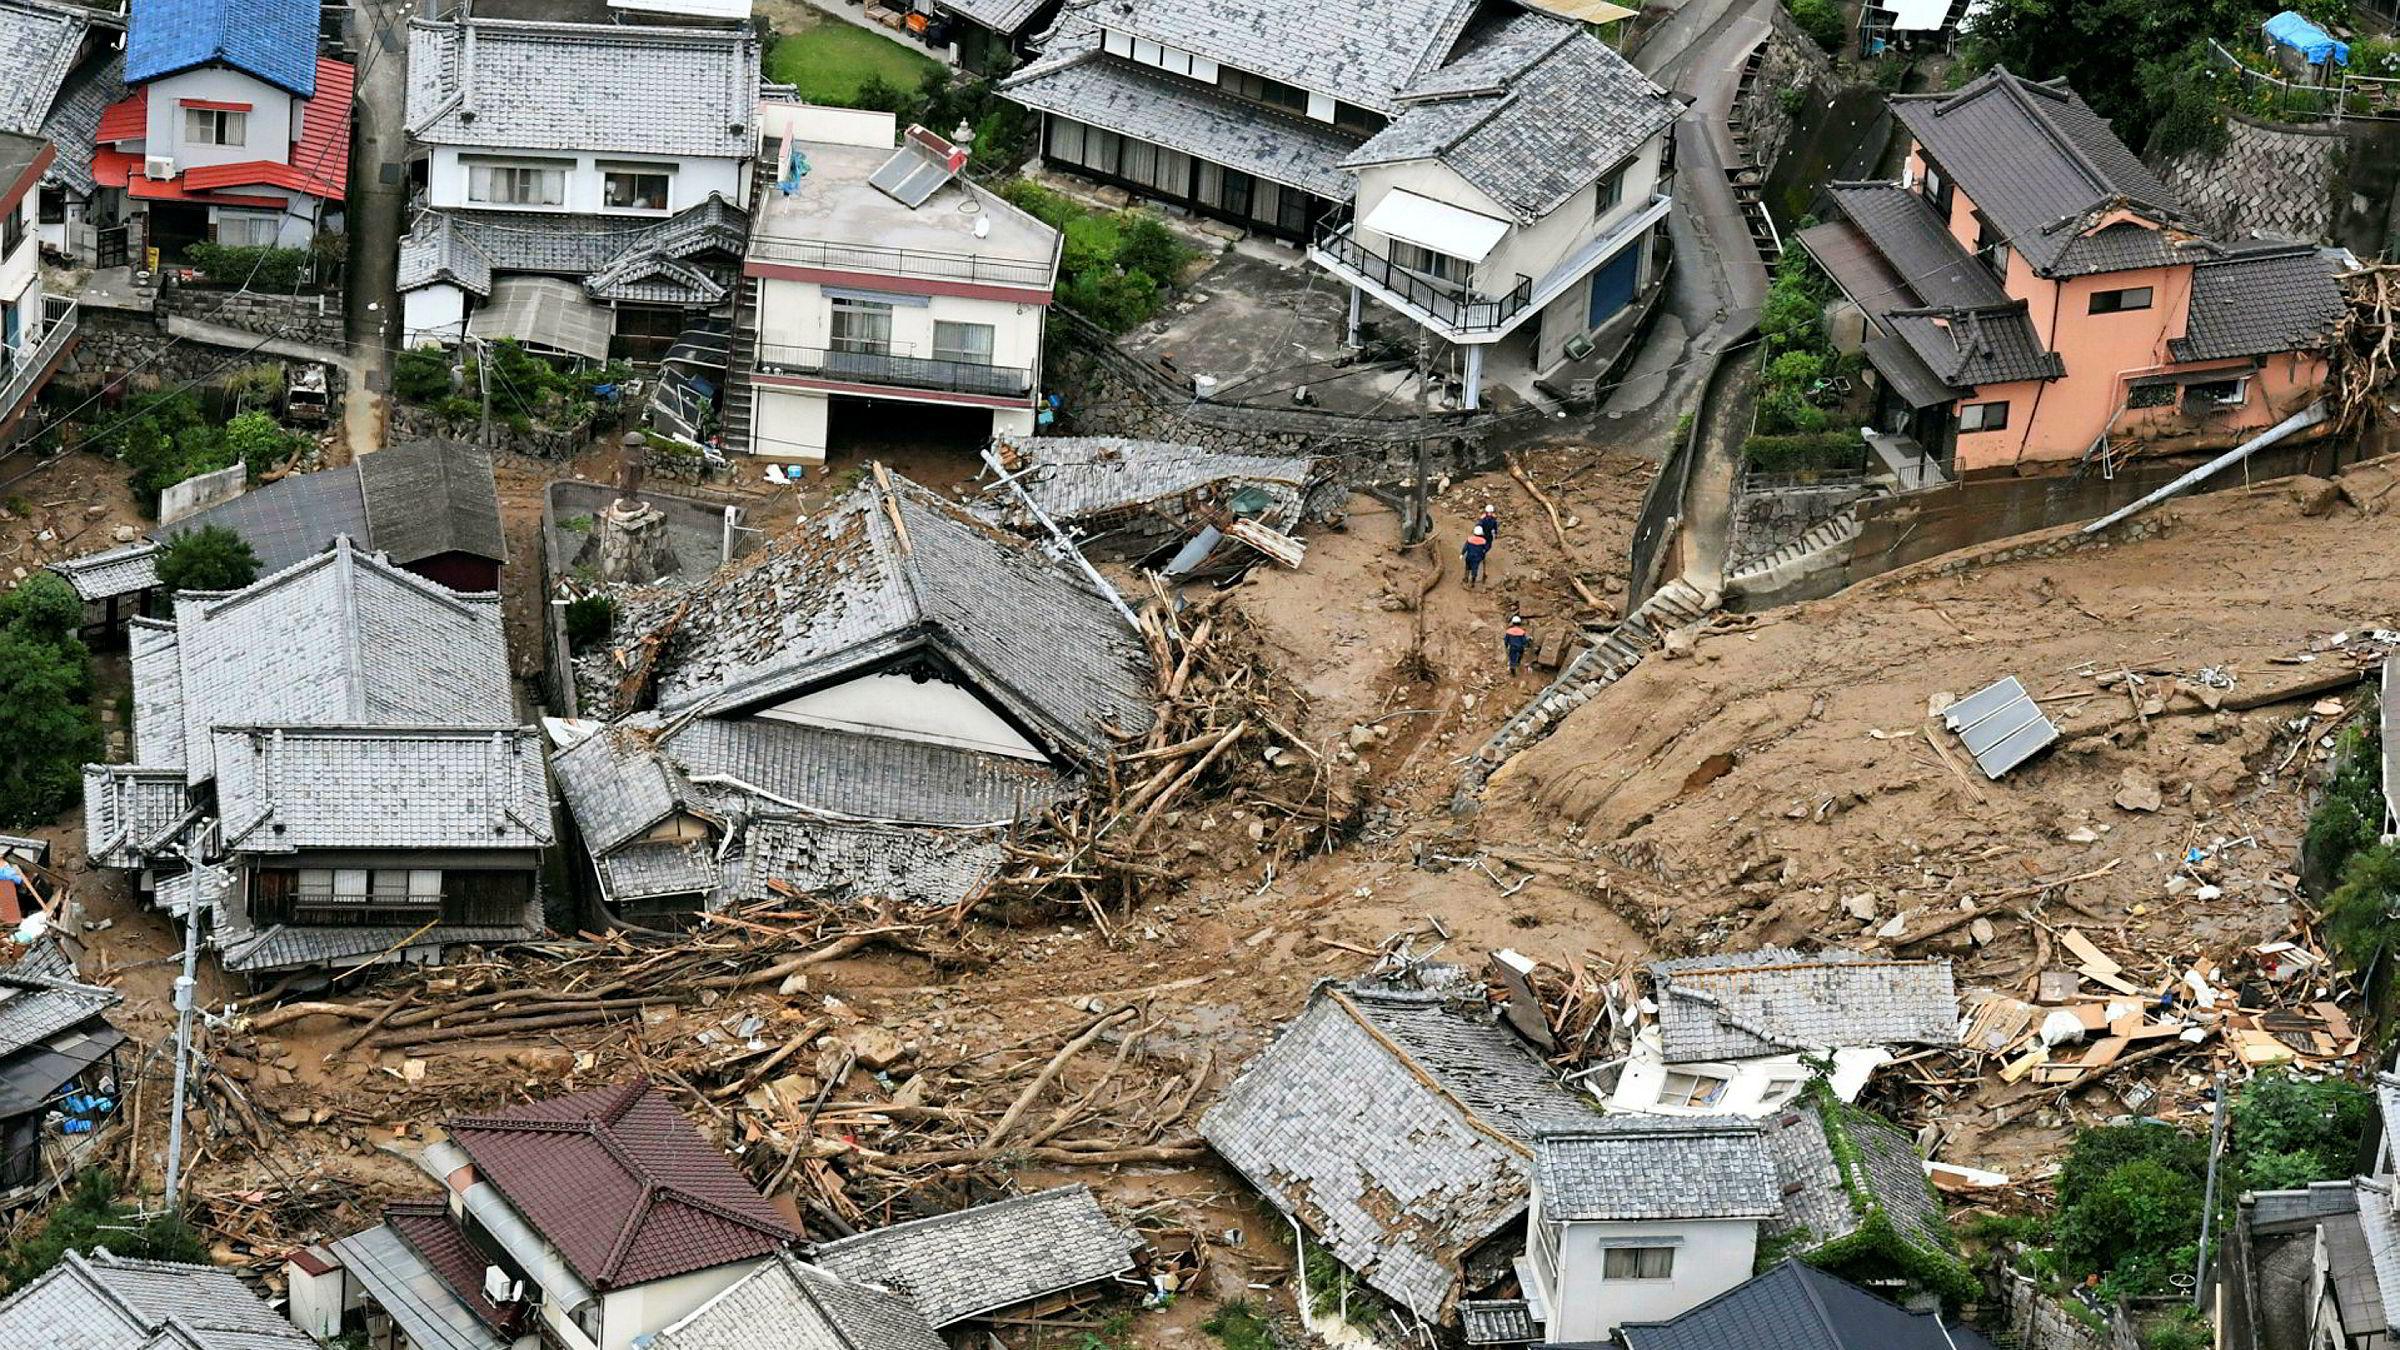 Storflommen i Japan har etterlatt seg en rekke ødelagte hus i byen Kure.